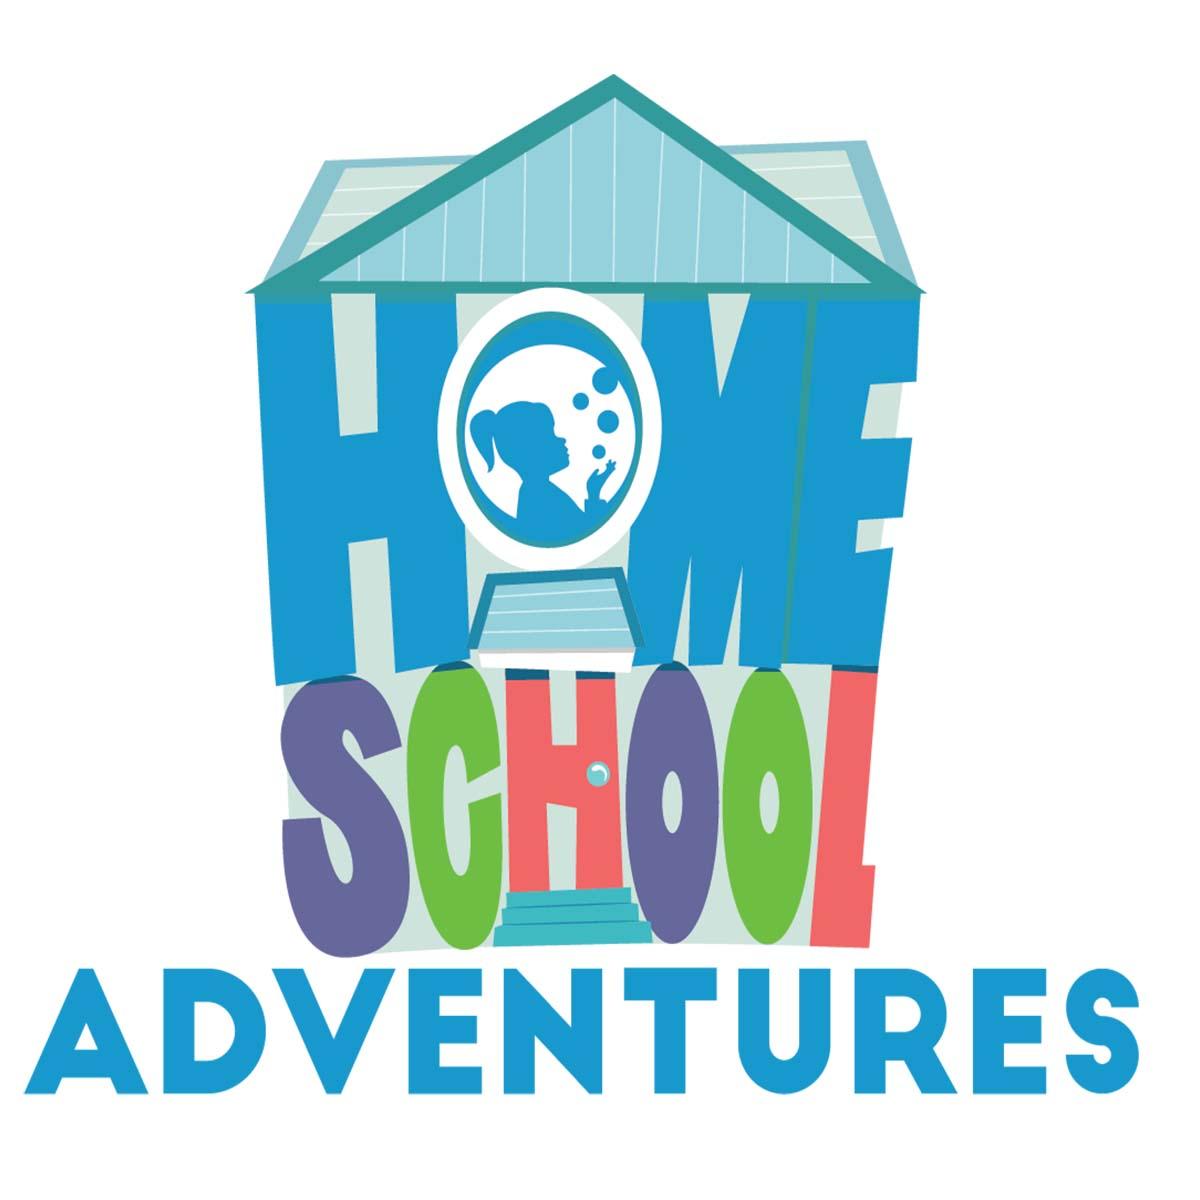 Home School Adventures 4 x 4